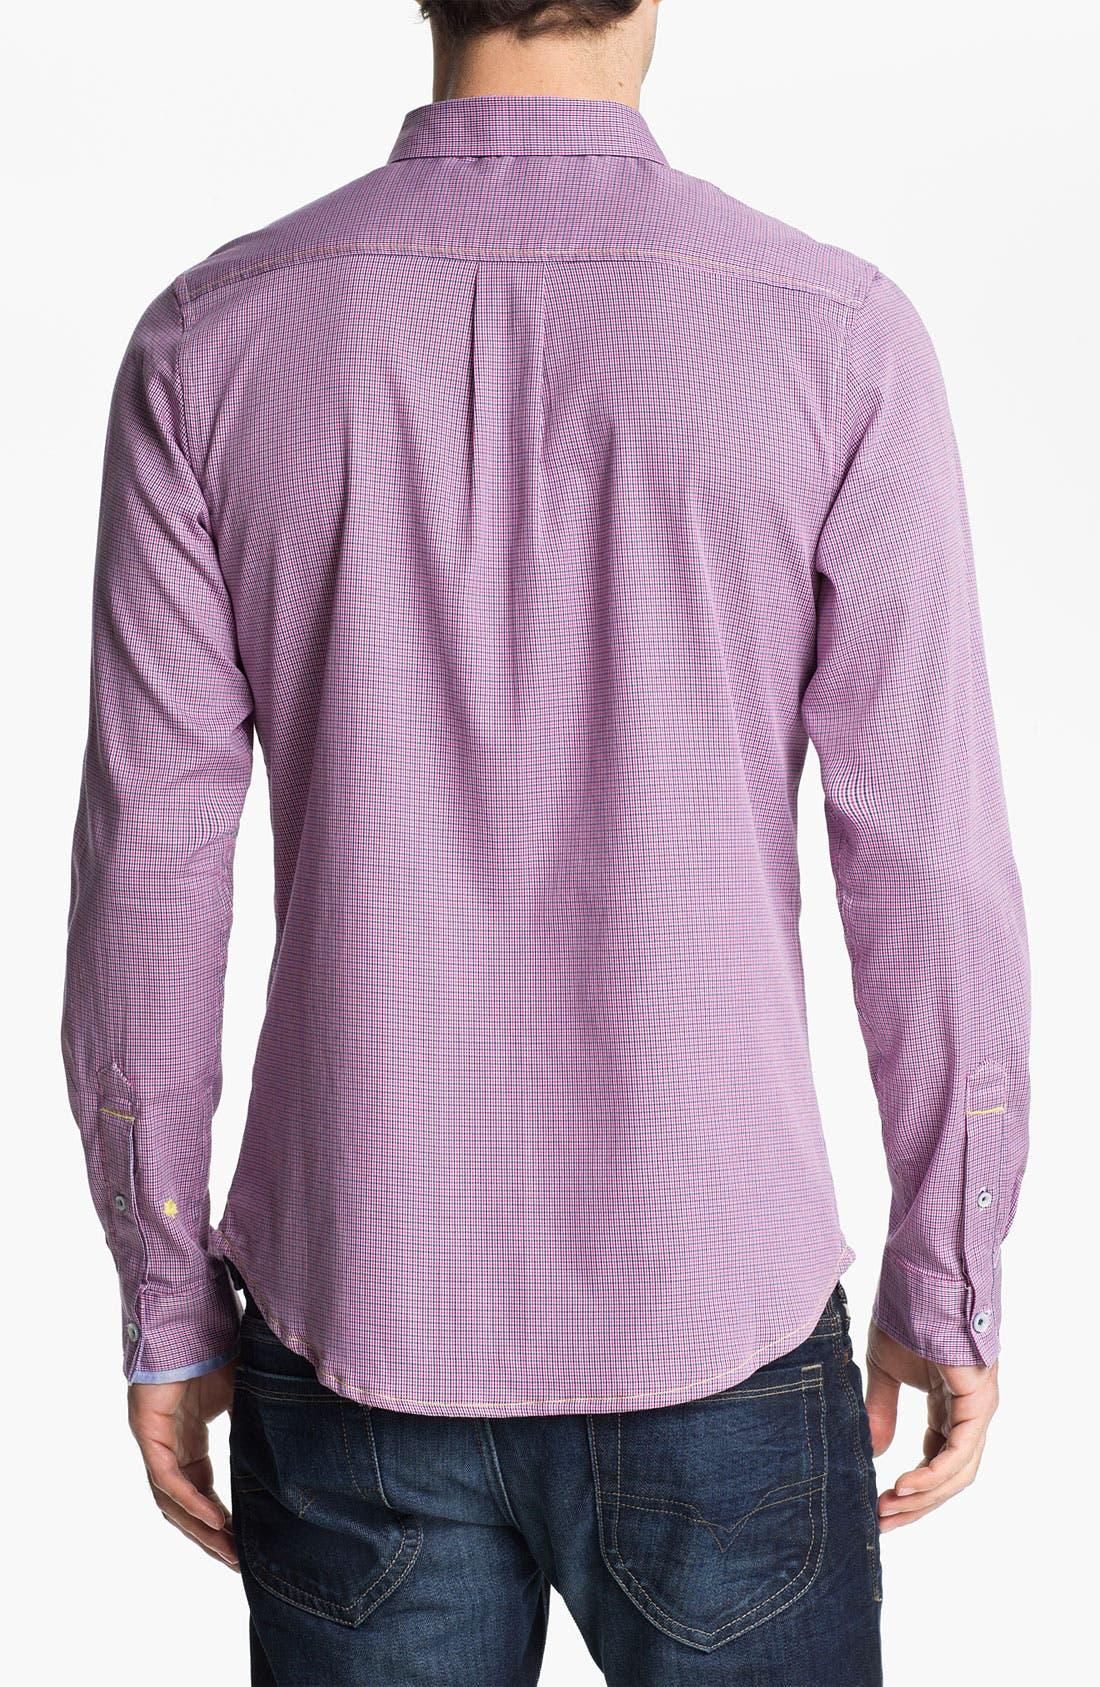 Alternate Image 2  - Descendant of Thieves Broken Gingham Woven Shirt